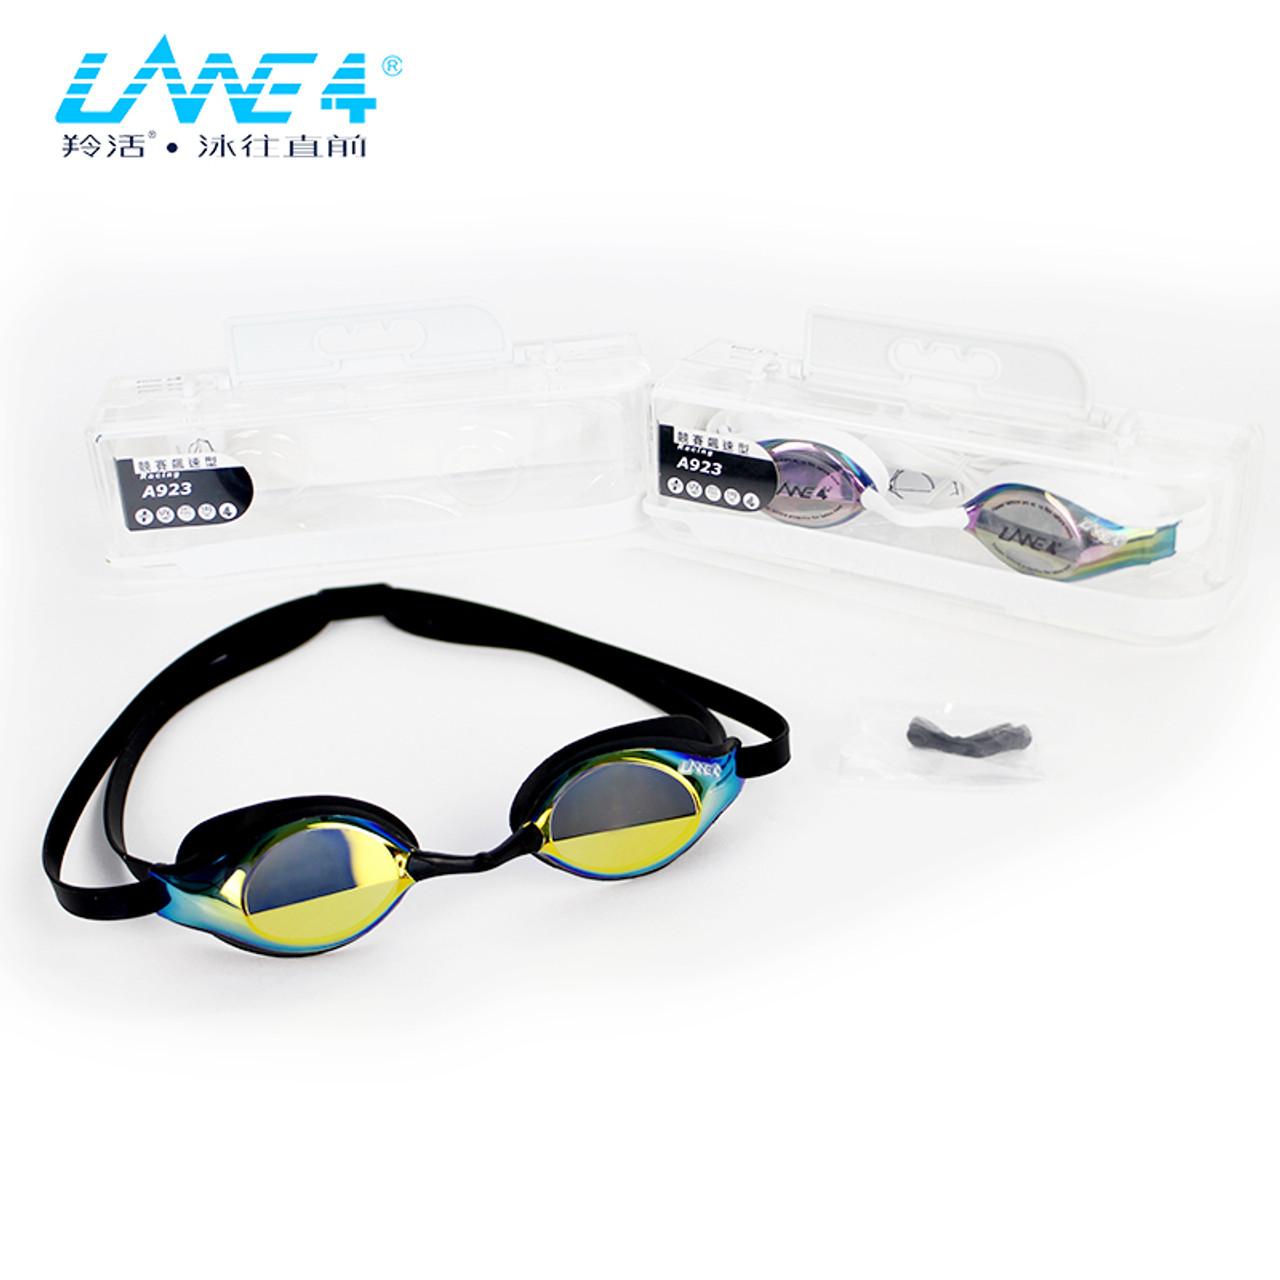 0e60870a1d6 LANE4 Swim Goggle Split Lenses